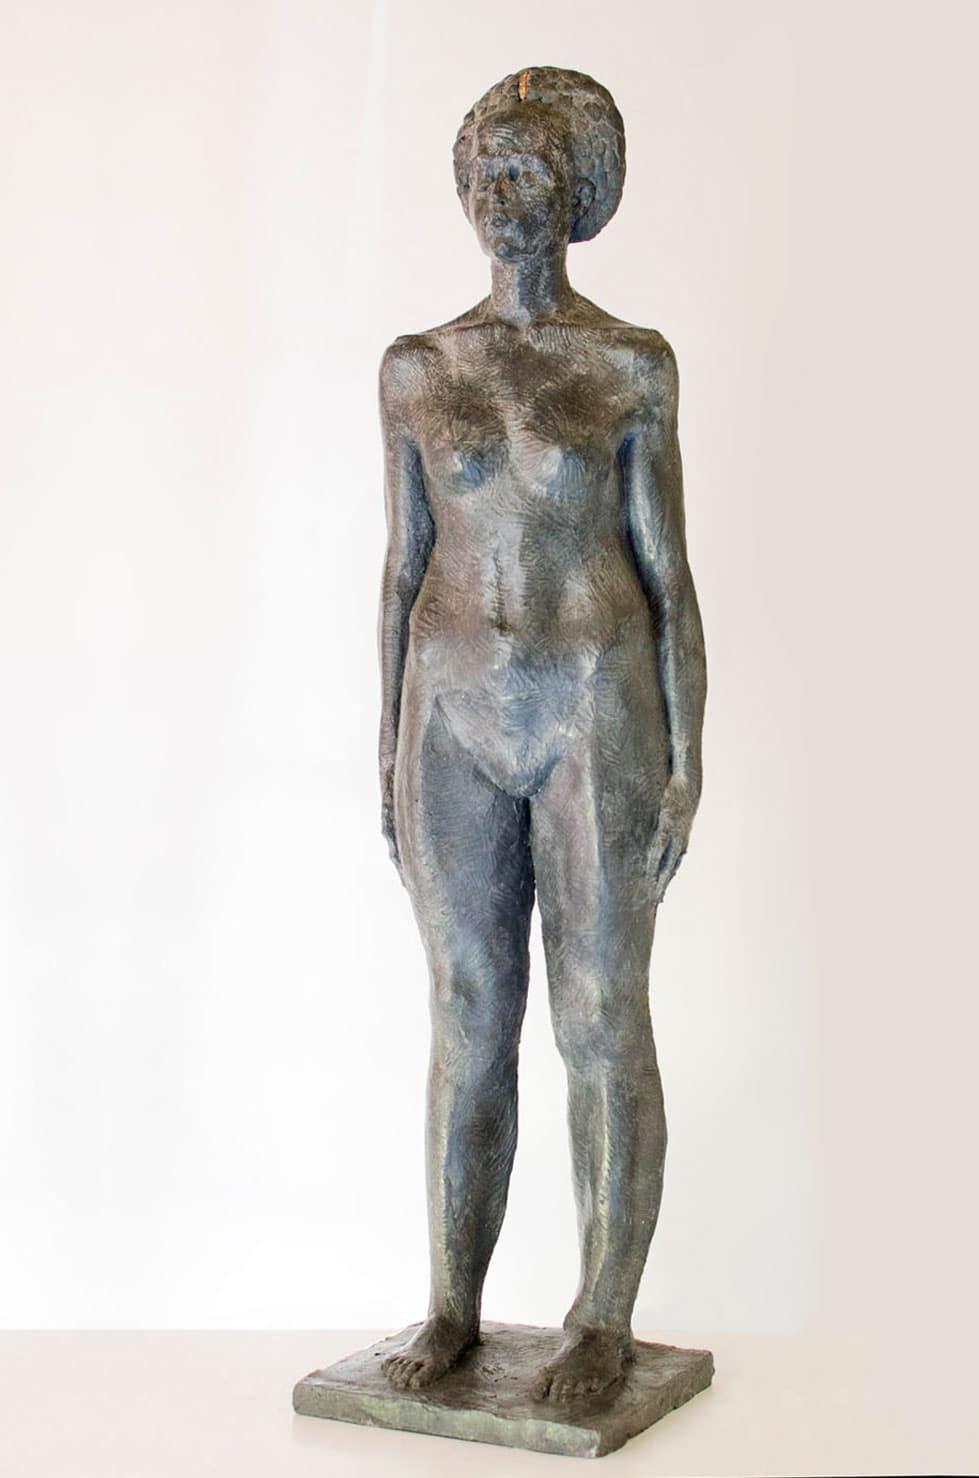 """"""" From Your Soul """", béton, 90 cm, 2016 - Pièce unique"""